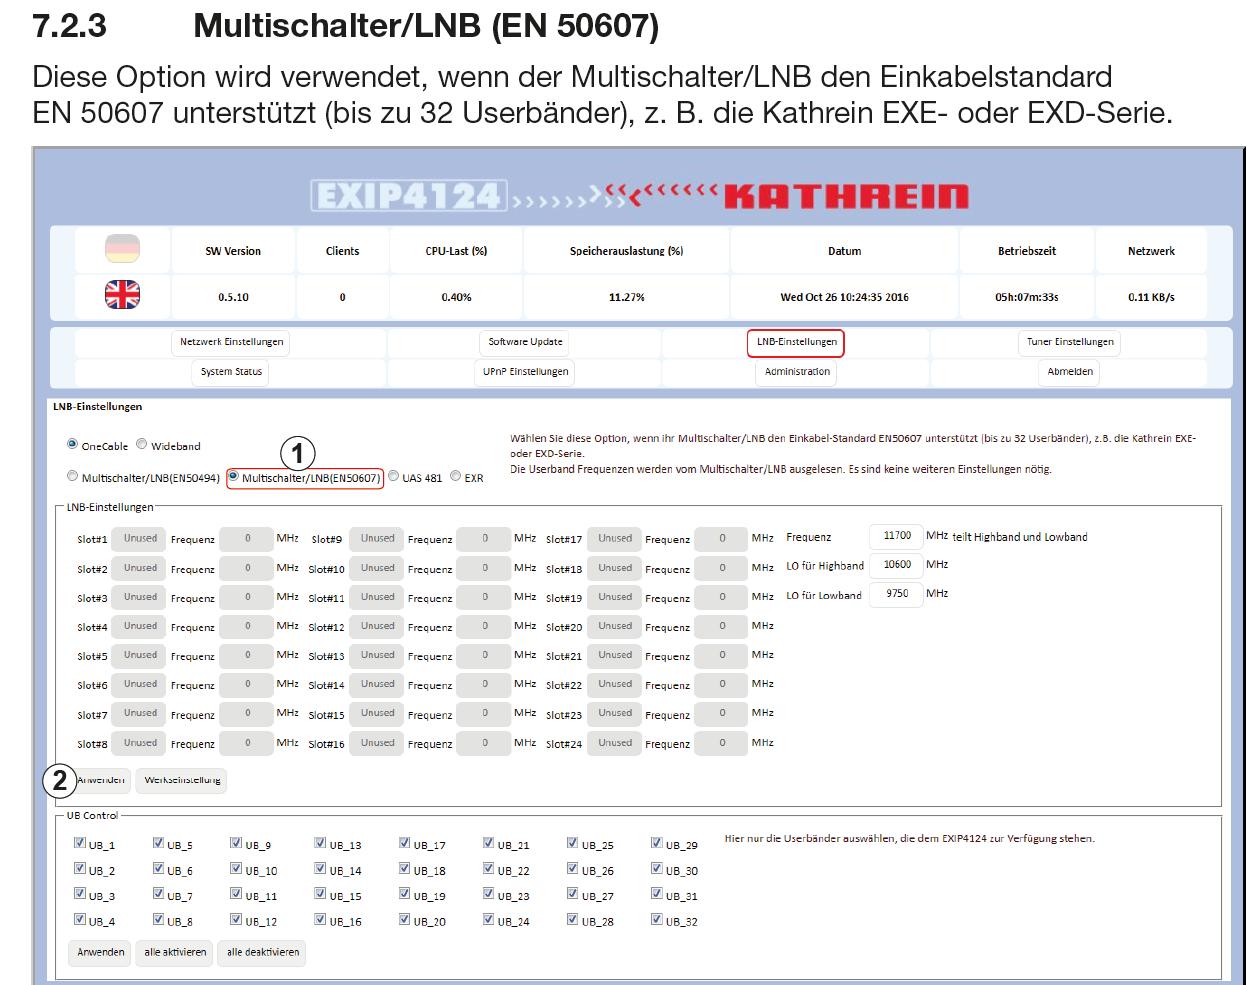 Kathrein_EXIP4124_JESS-EN50607-Einstellungen.PNG